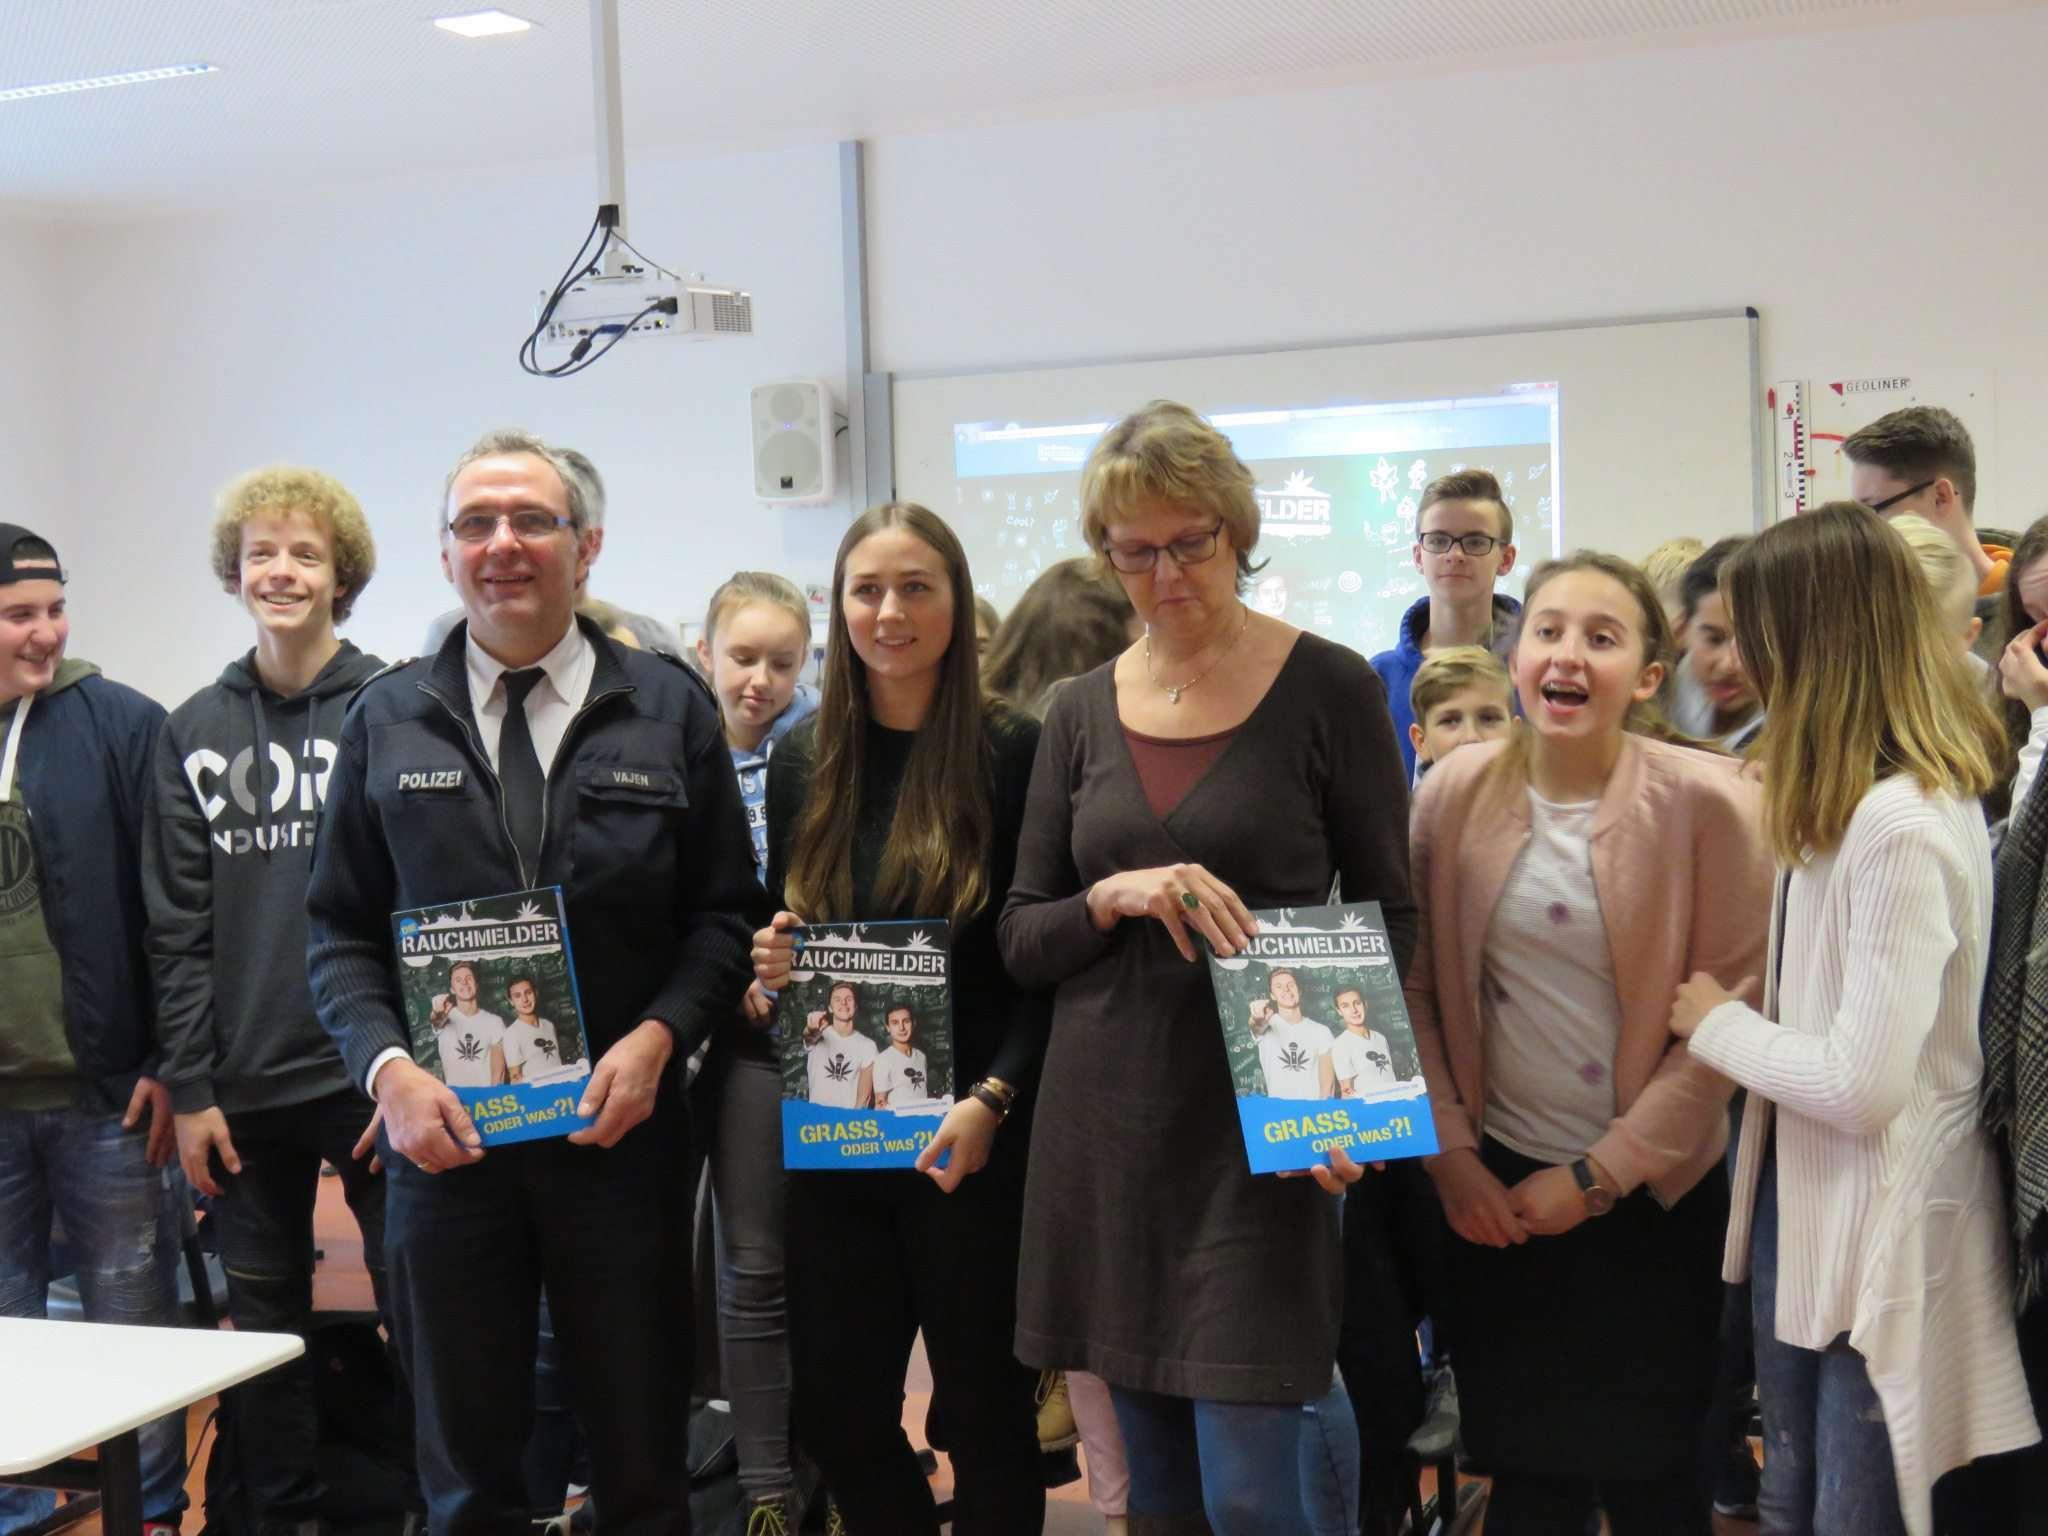 Inmitten von Schülern (von links): Heino Vajen, Lisa-Marie Kathmann und Heike Nodorp haben etwas gegen Drogen. Foto: Elke Keppler-Rosenau